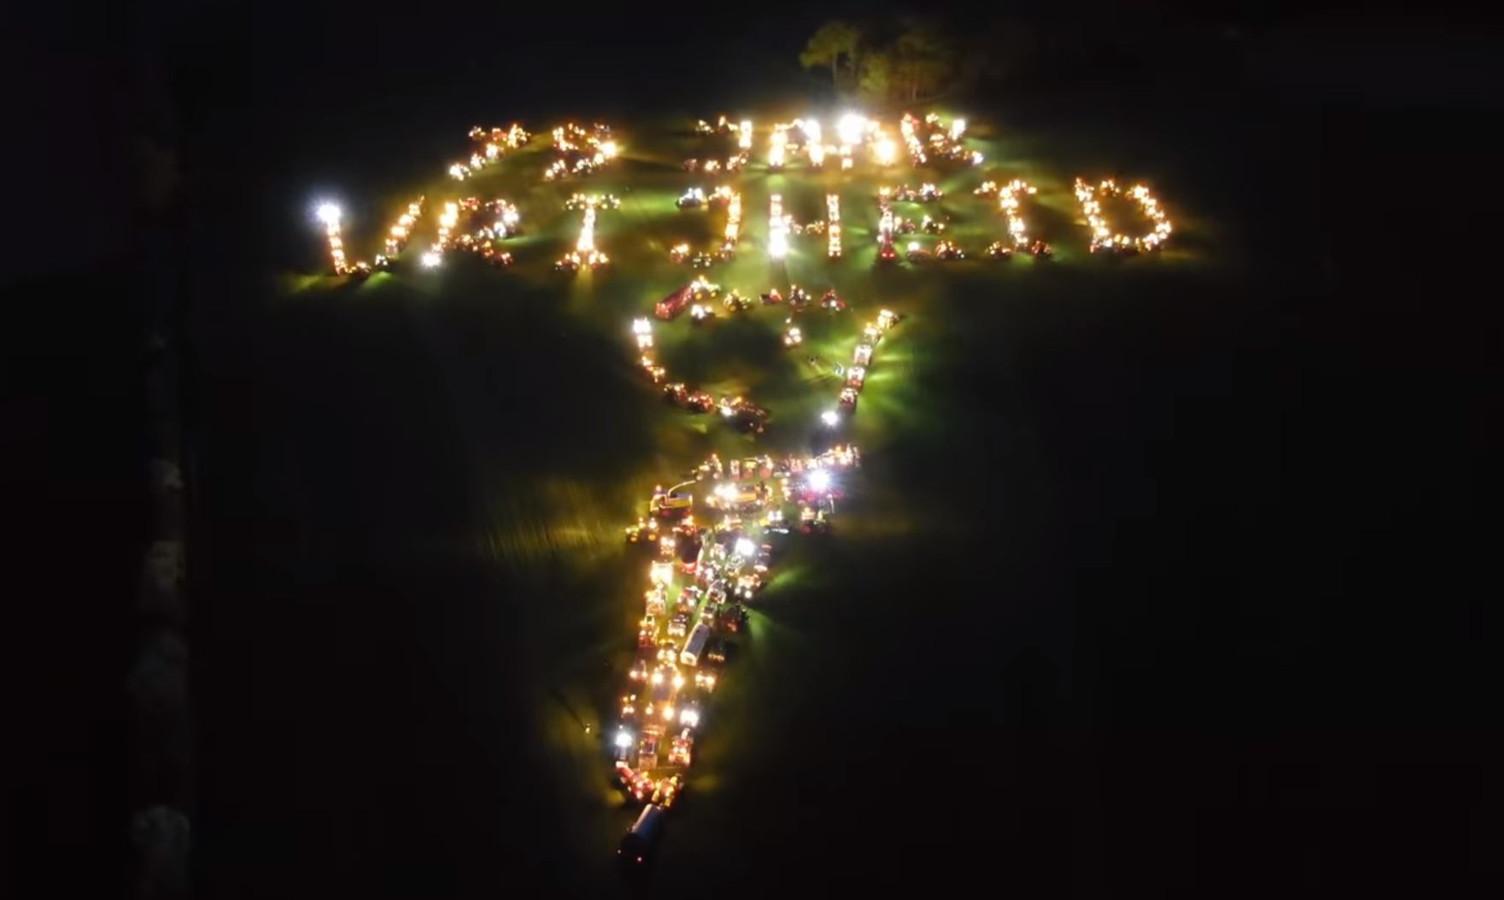 Zo'n 250 agrariërs vormden eind april met hun trekkers het symbool van de vrijheid in het weiland van Thijs Wieggers in Mariënvelde.